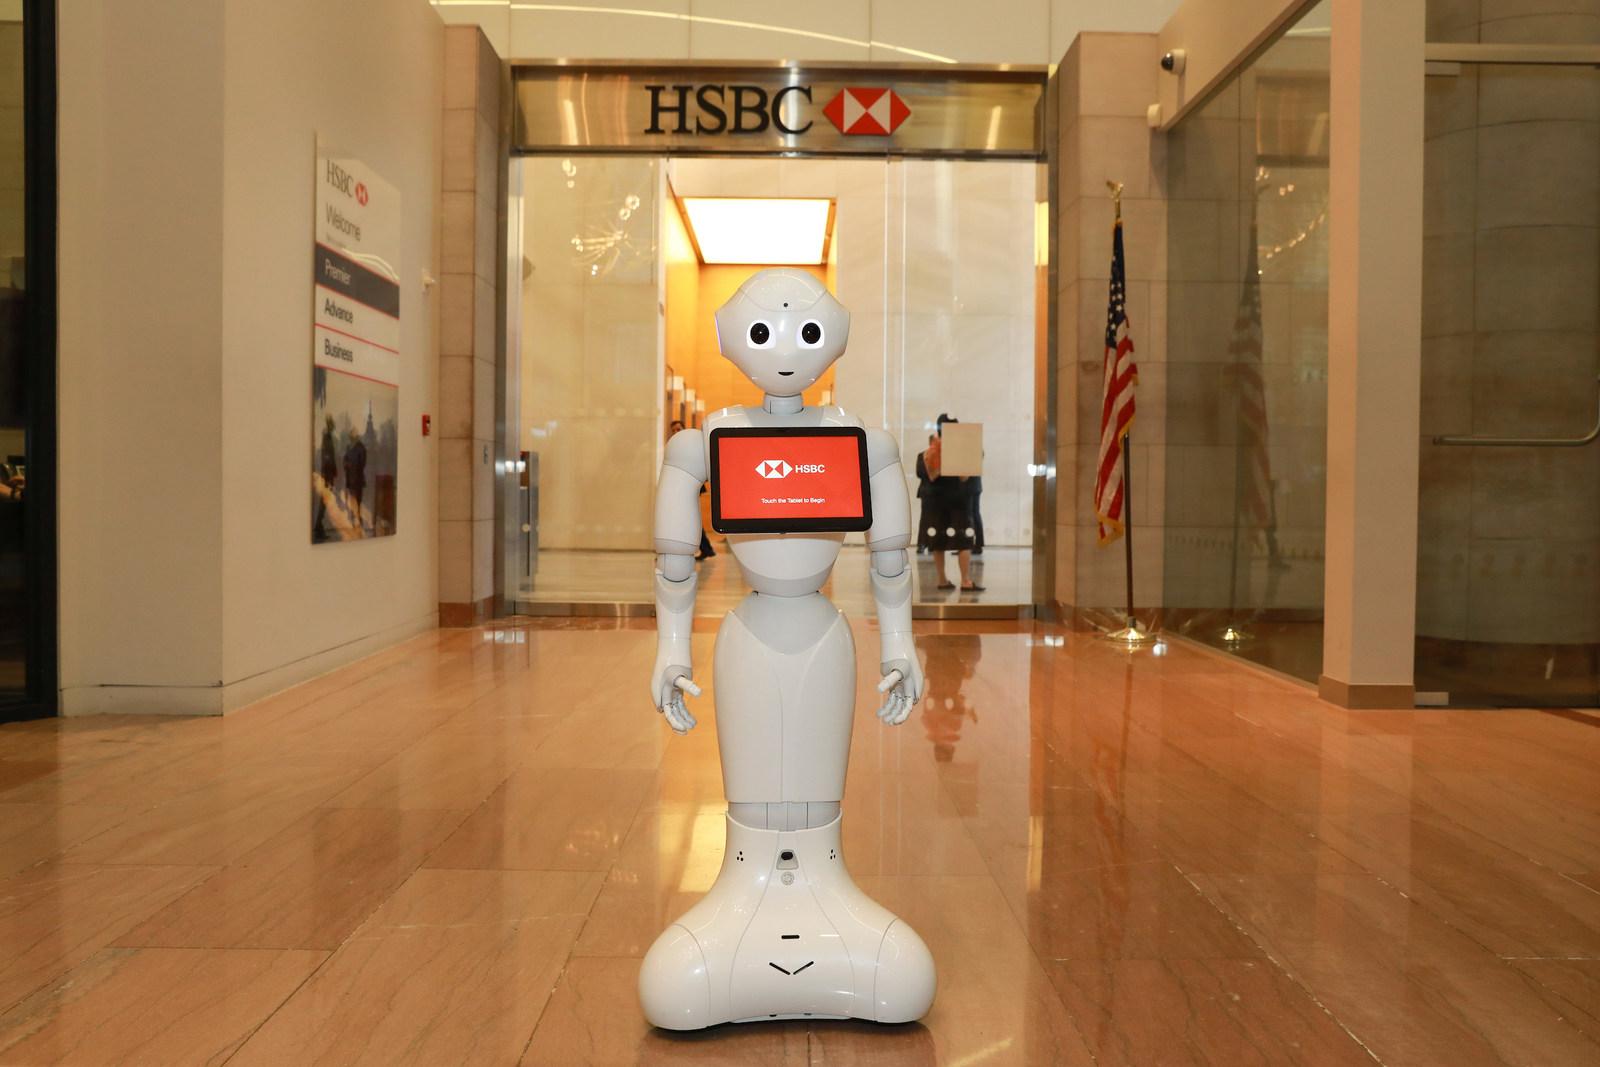 HSBC Bank welcomes SoftBank Robotics humanoid robot Pepper